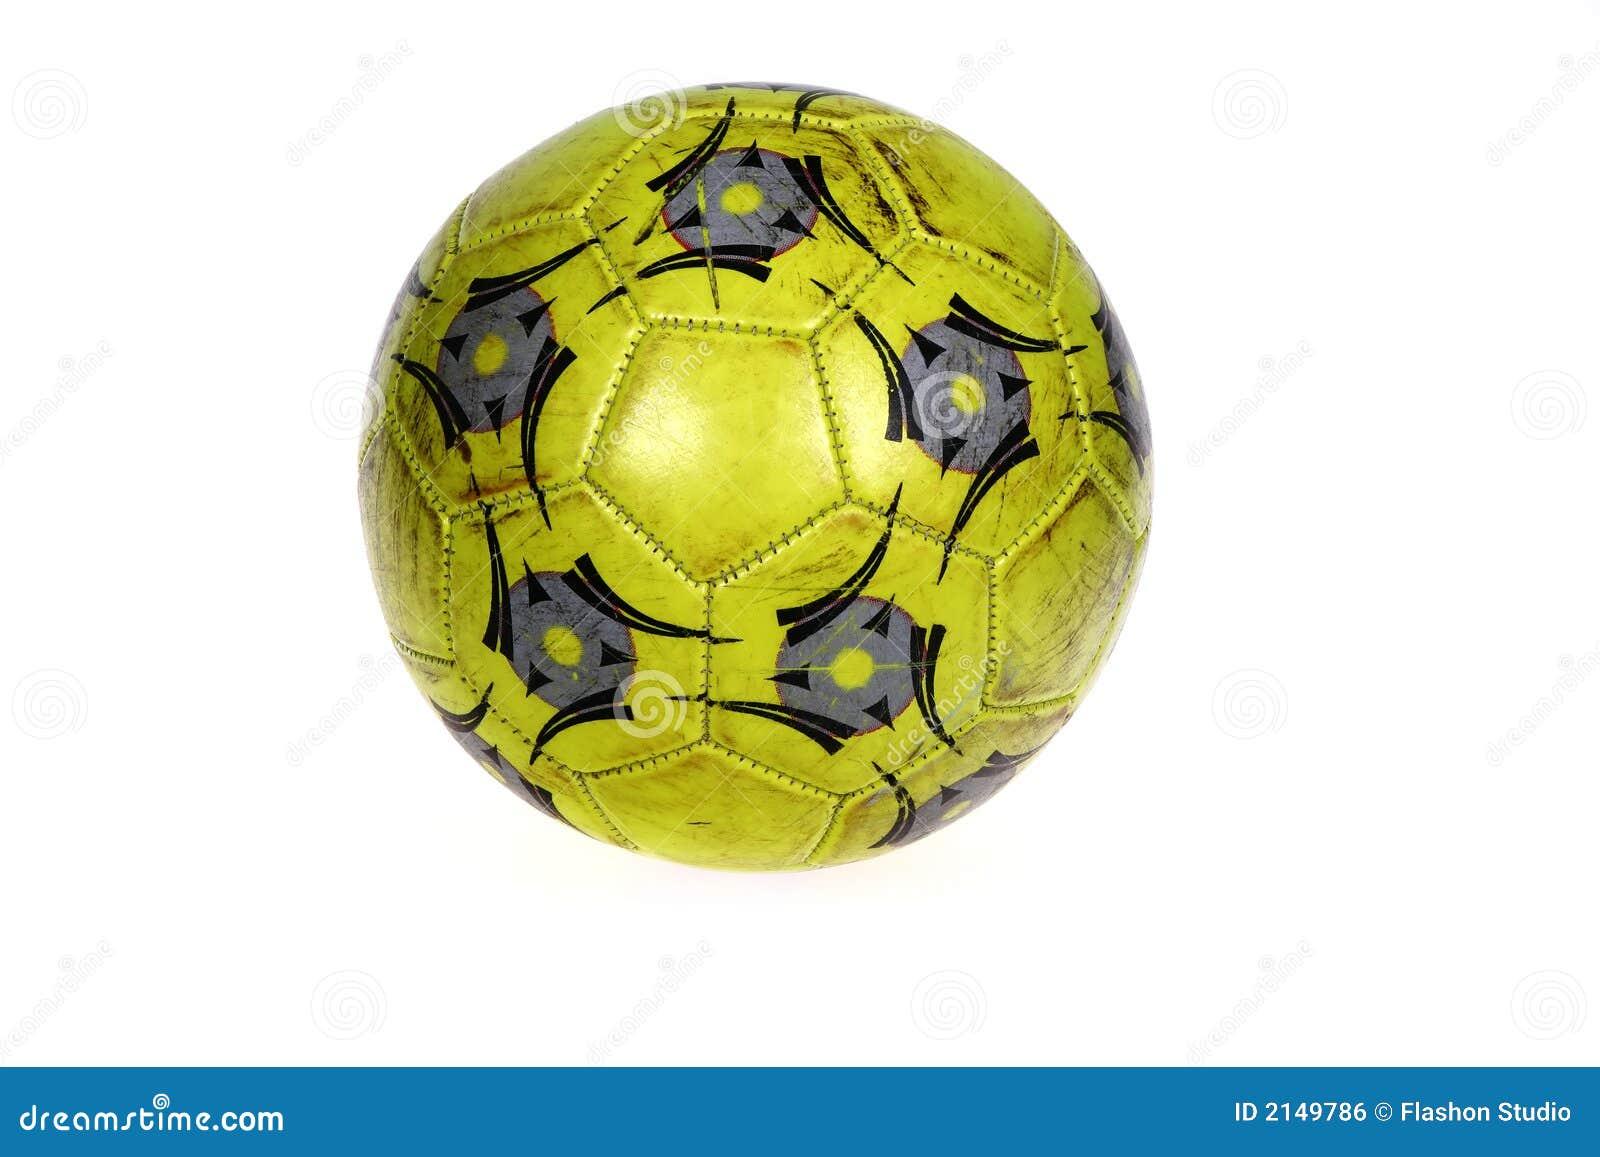 Piłka nożna odizolowana jaja